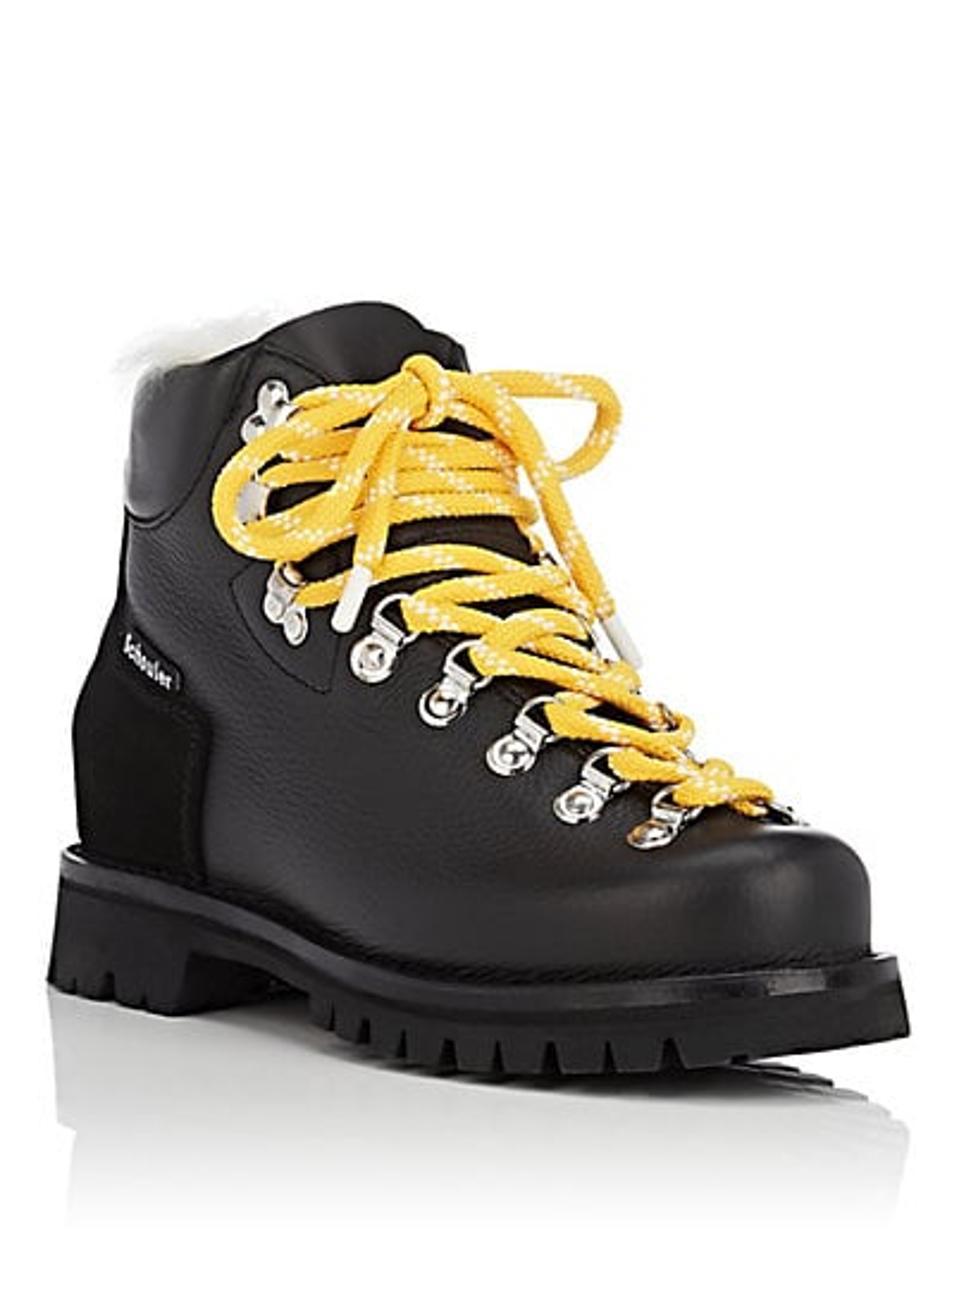 Proenza Schouler_Best Designer Winter Boots